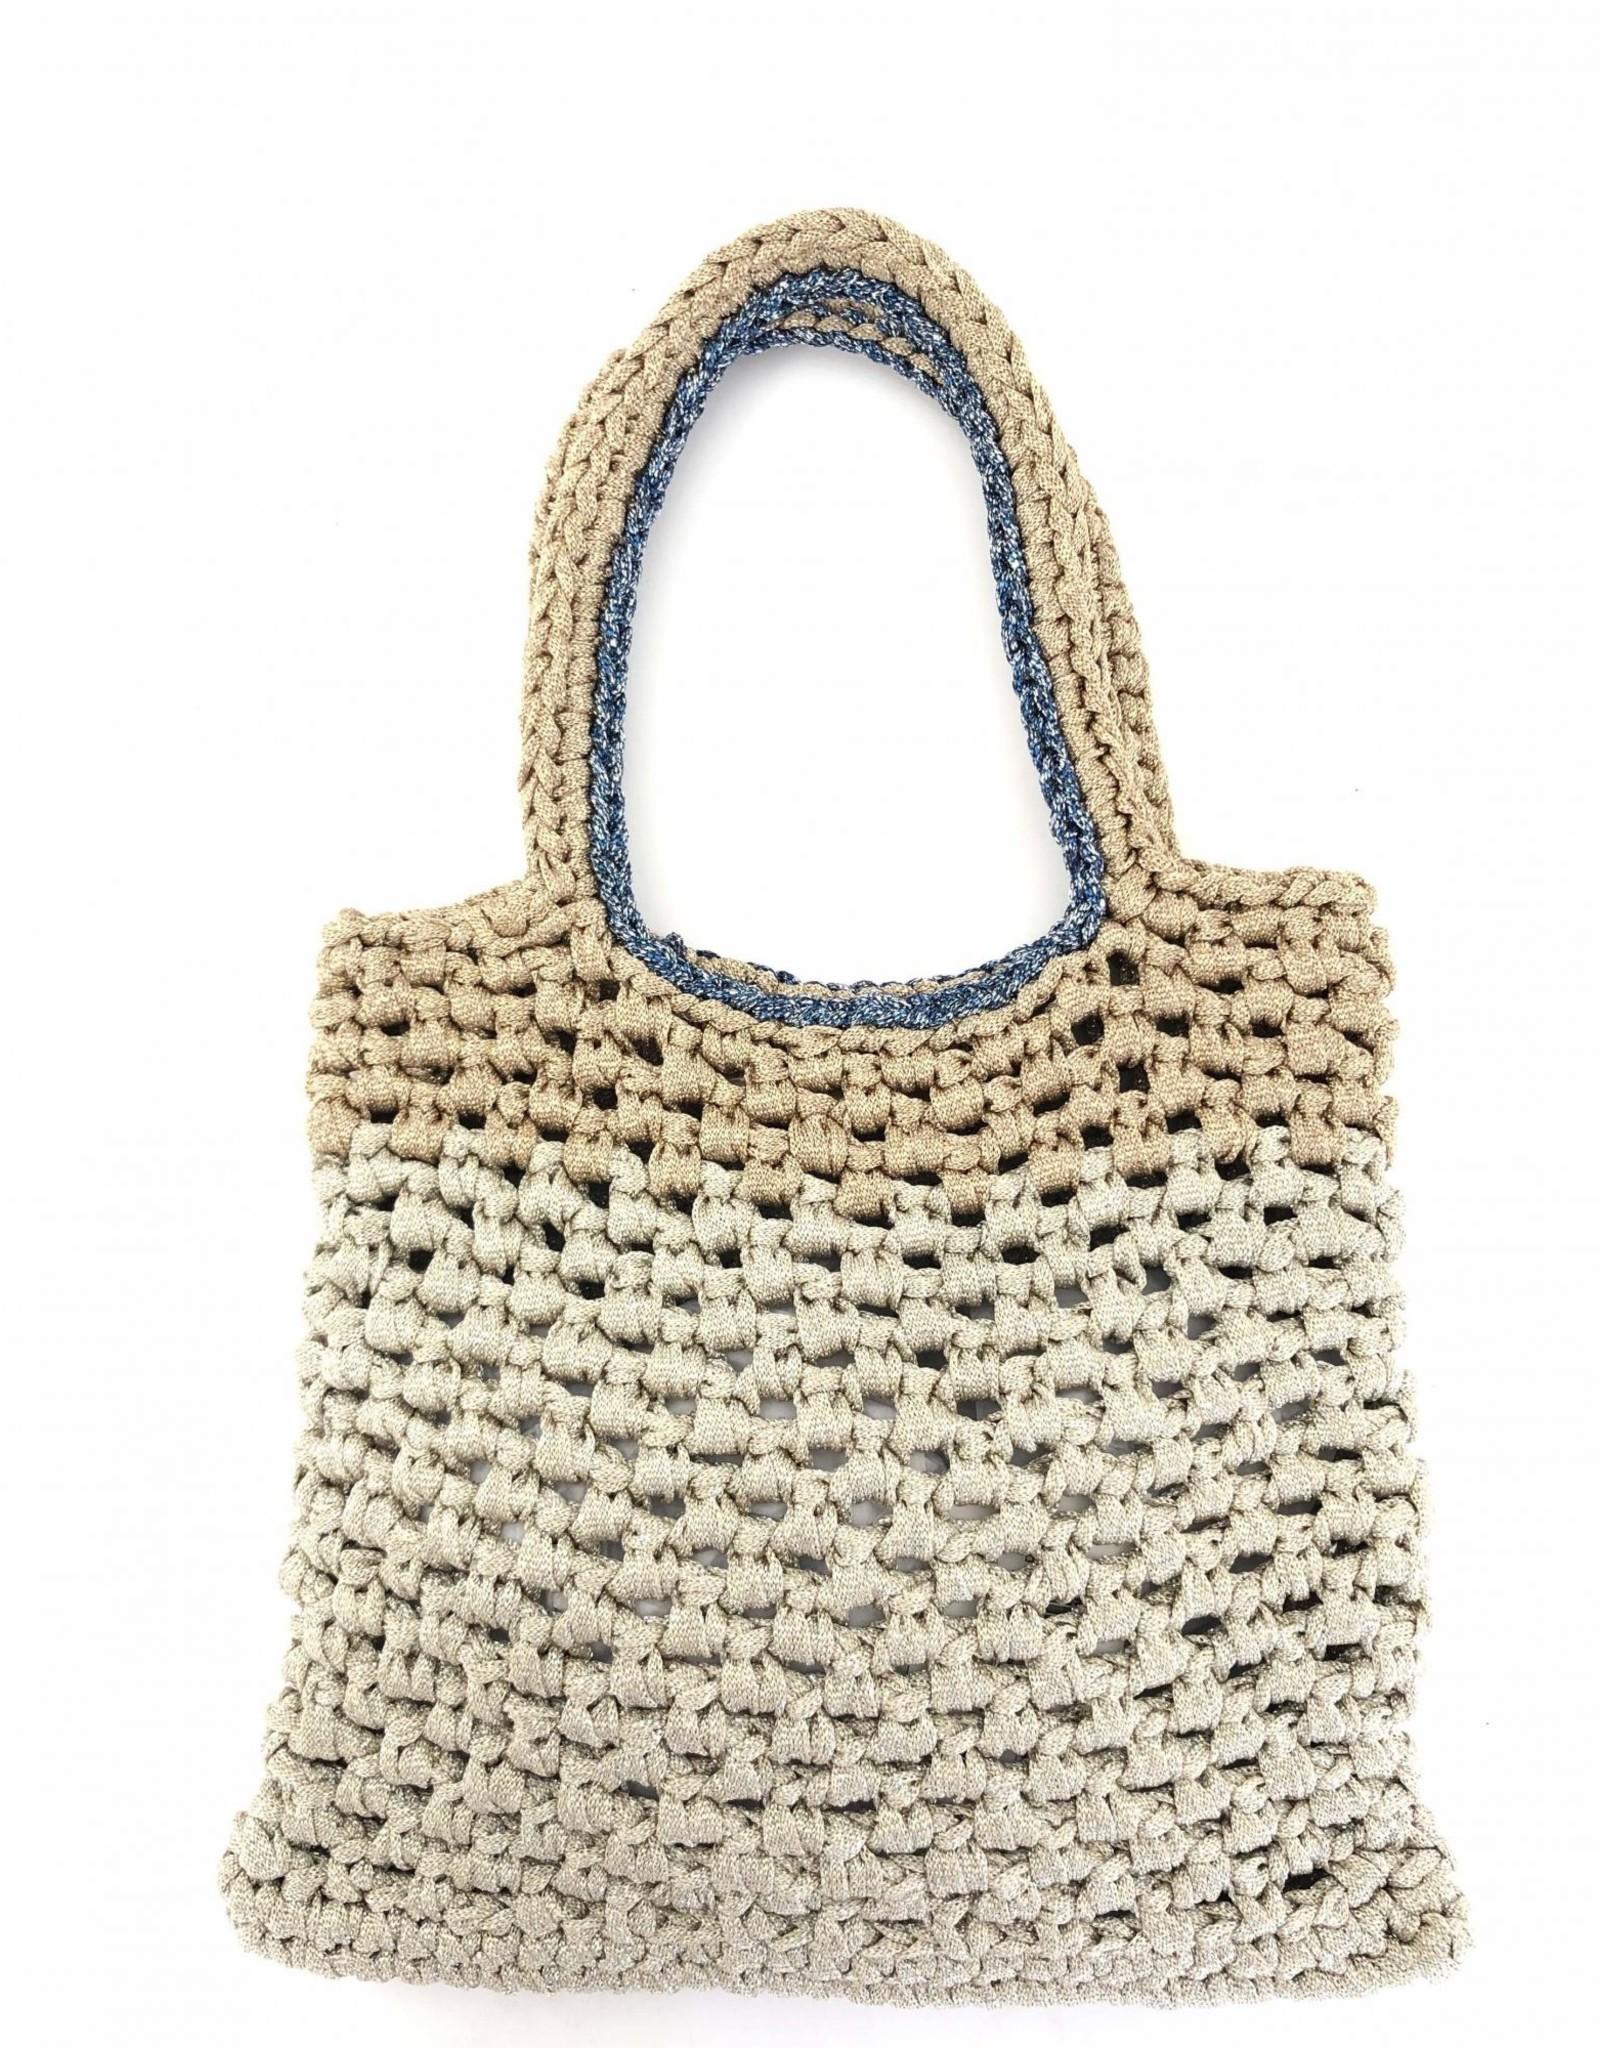 LORENZA GANDAGLIA - Dama Crochet Tote